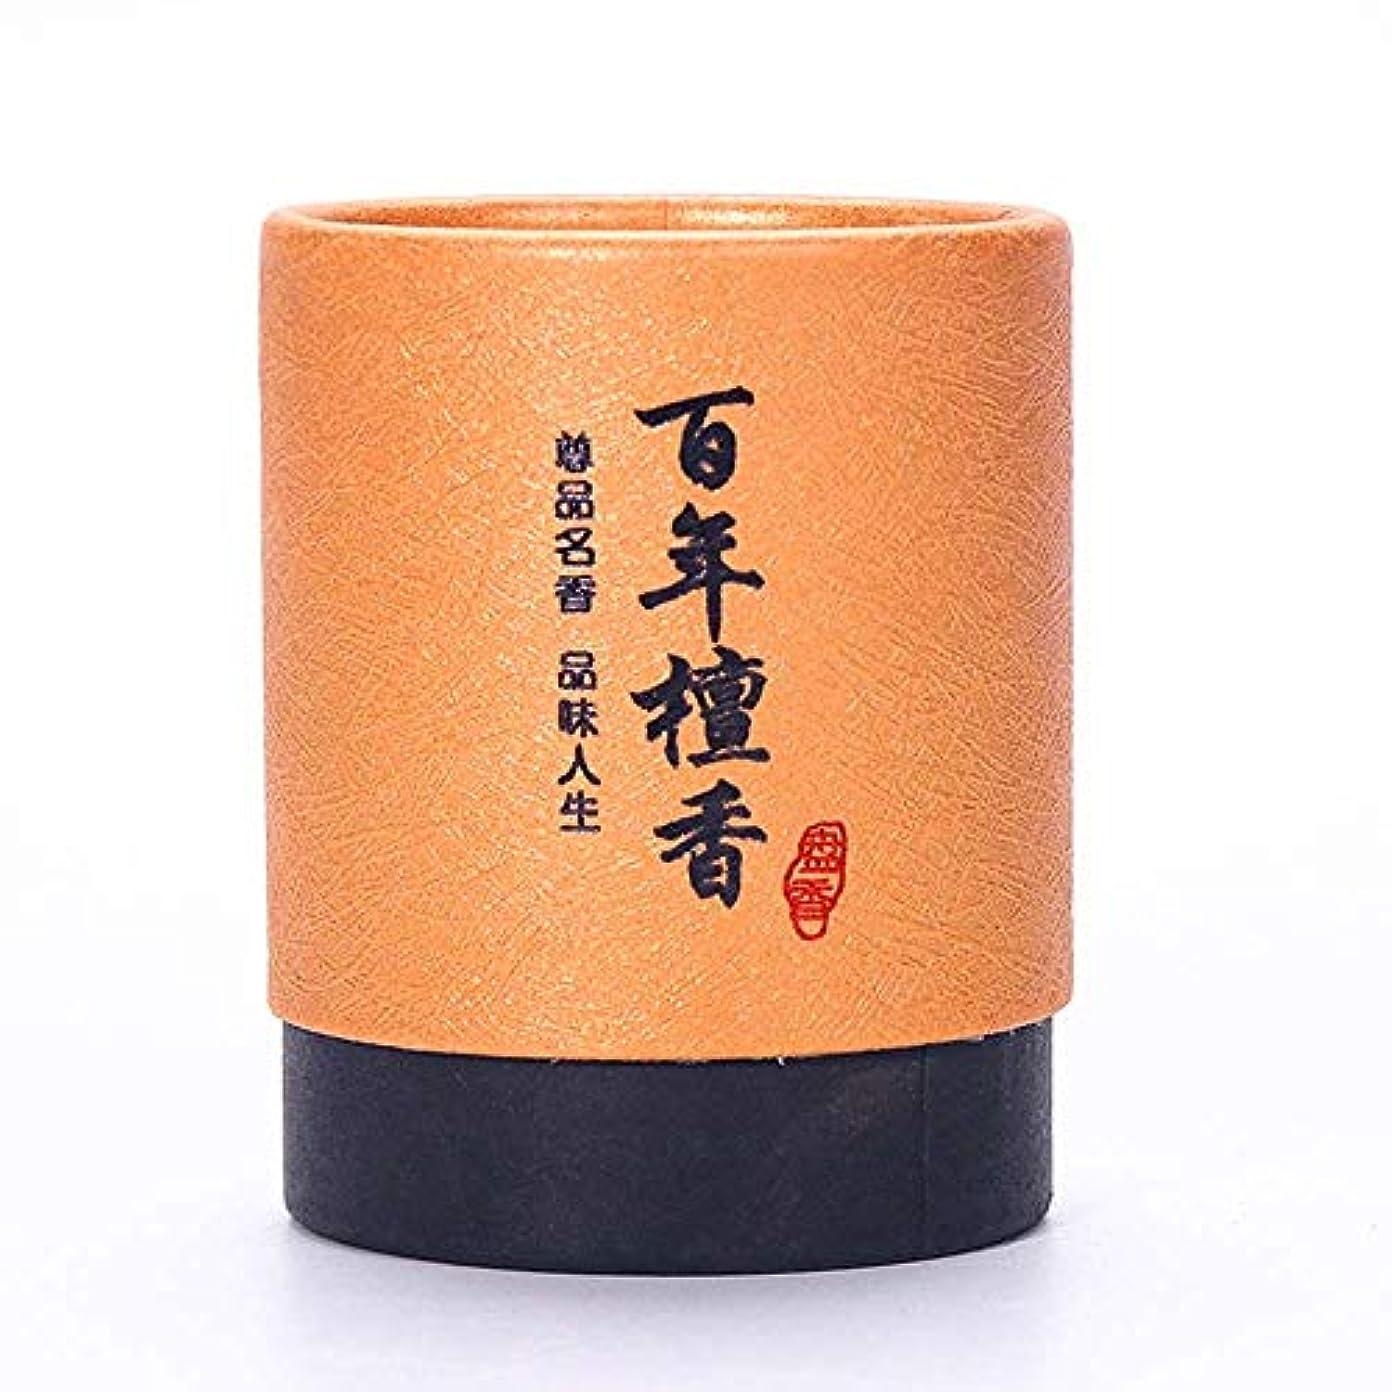 起点評判委員会HwaGui お香 2時間 盤香 渦巻き線香 優しい香り 48巻入 (百年檀香)